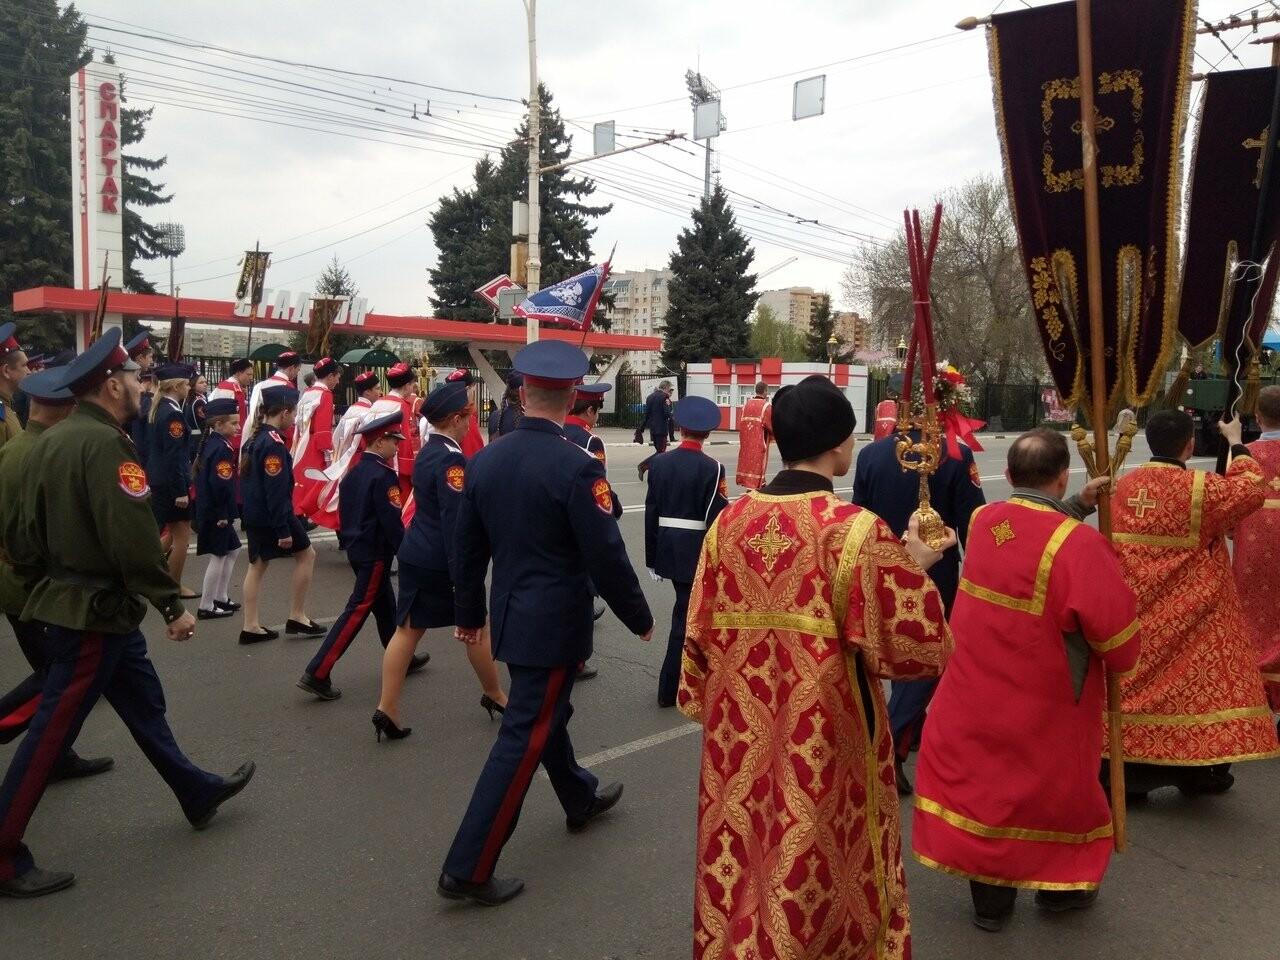 Тамбовские верующие совершили пасхальный крестный ход по улицам Тамбова, фото-8